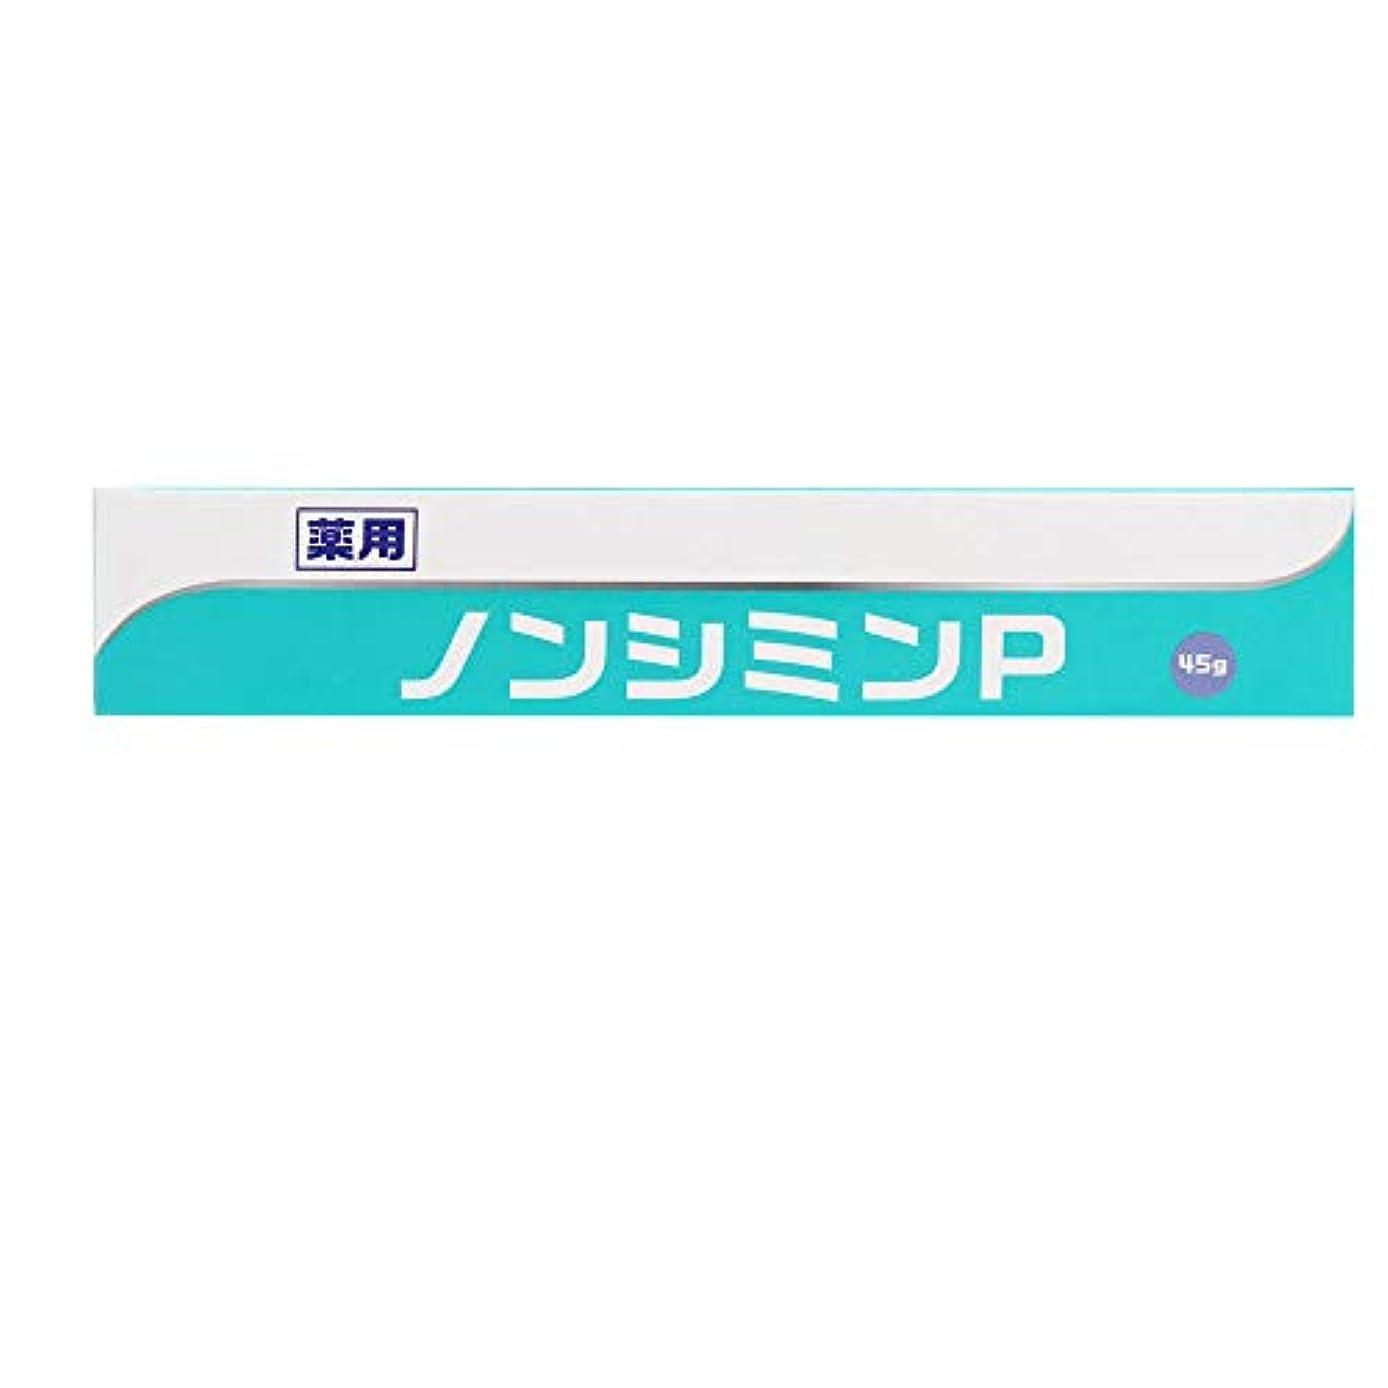 混合した楽な穿孔する薬用ノンシミンP 45g ジェルタイプ 医薬部外品